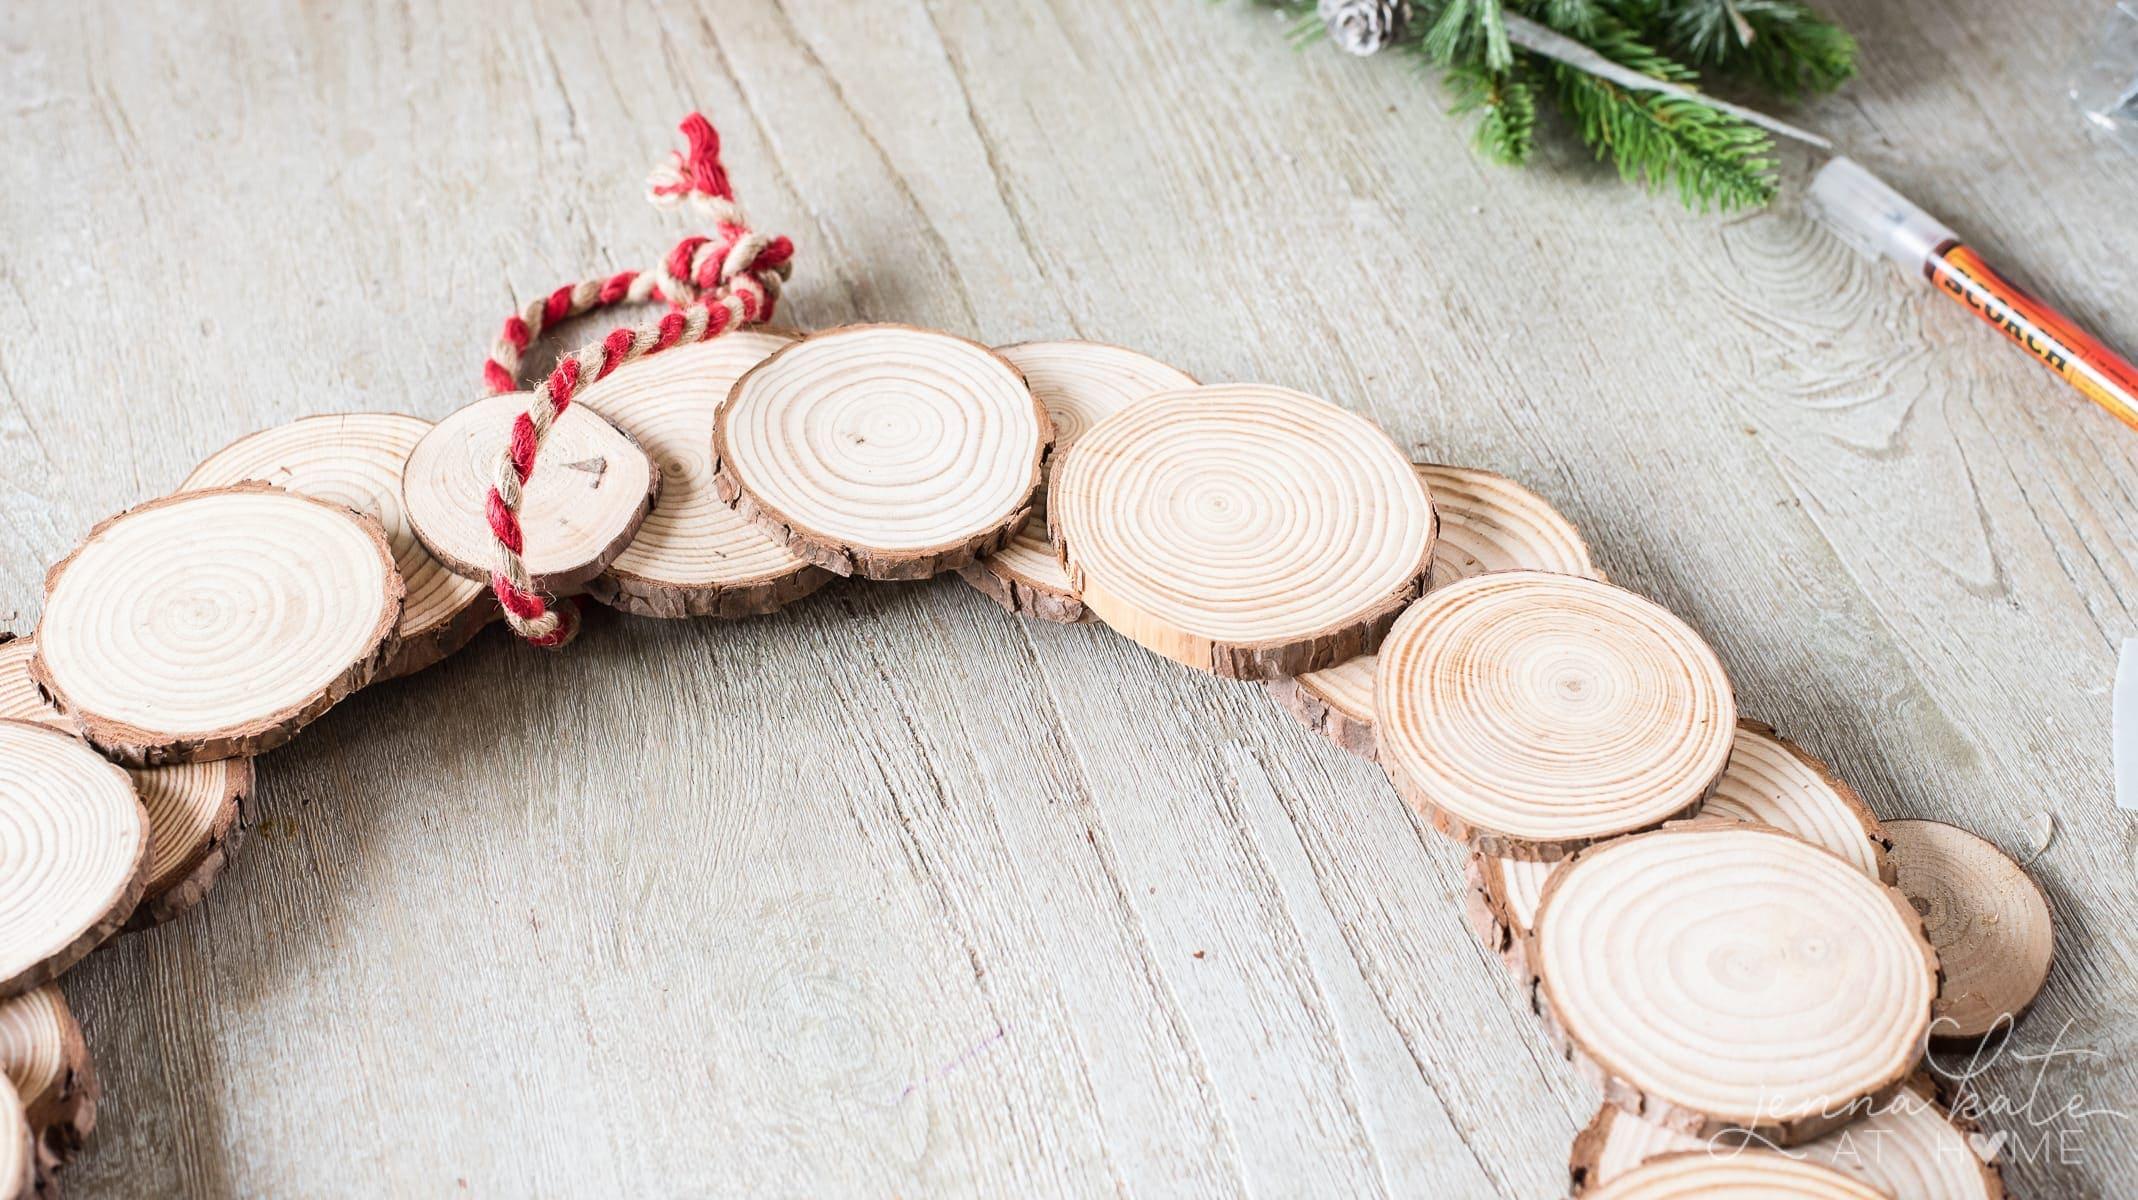 Glued wood slices